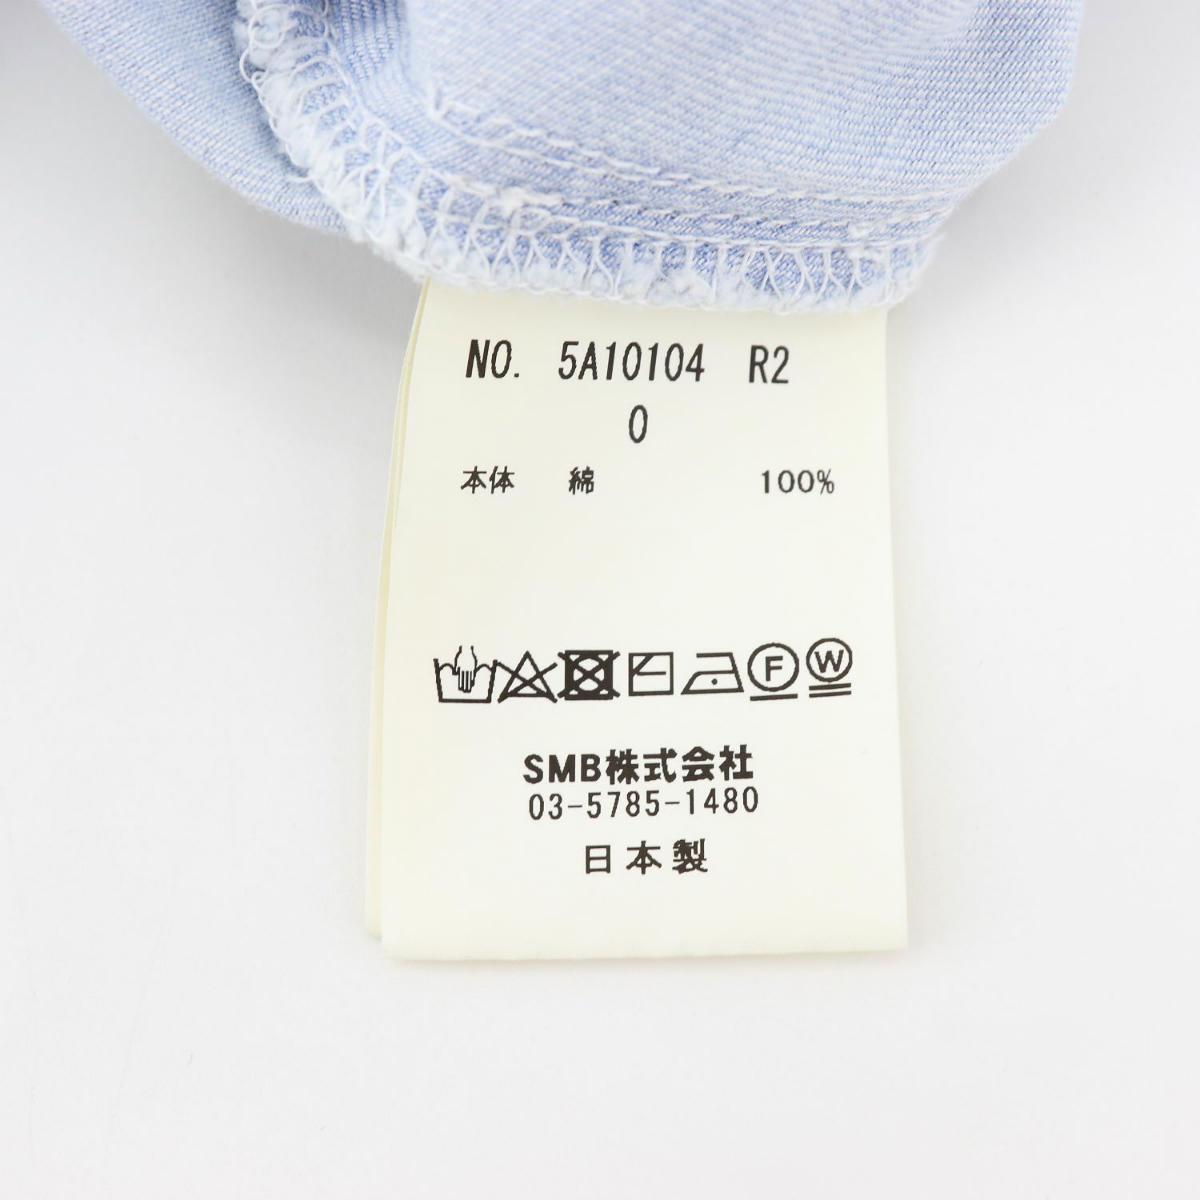 カルナ KALNA レディース デニム フレア マキシ丈 スカート 5A10104 KAL 030(ライトブルー) 春夏新作